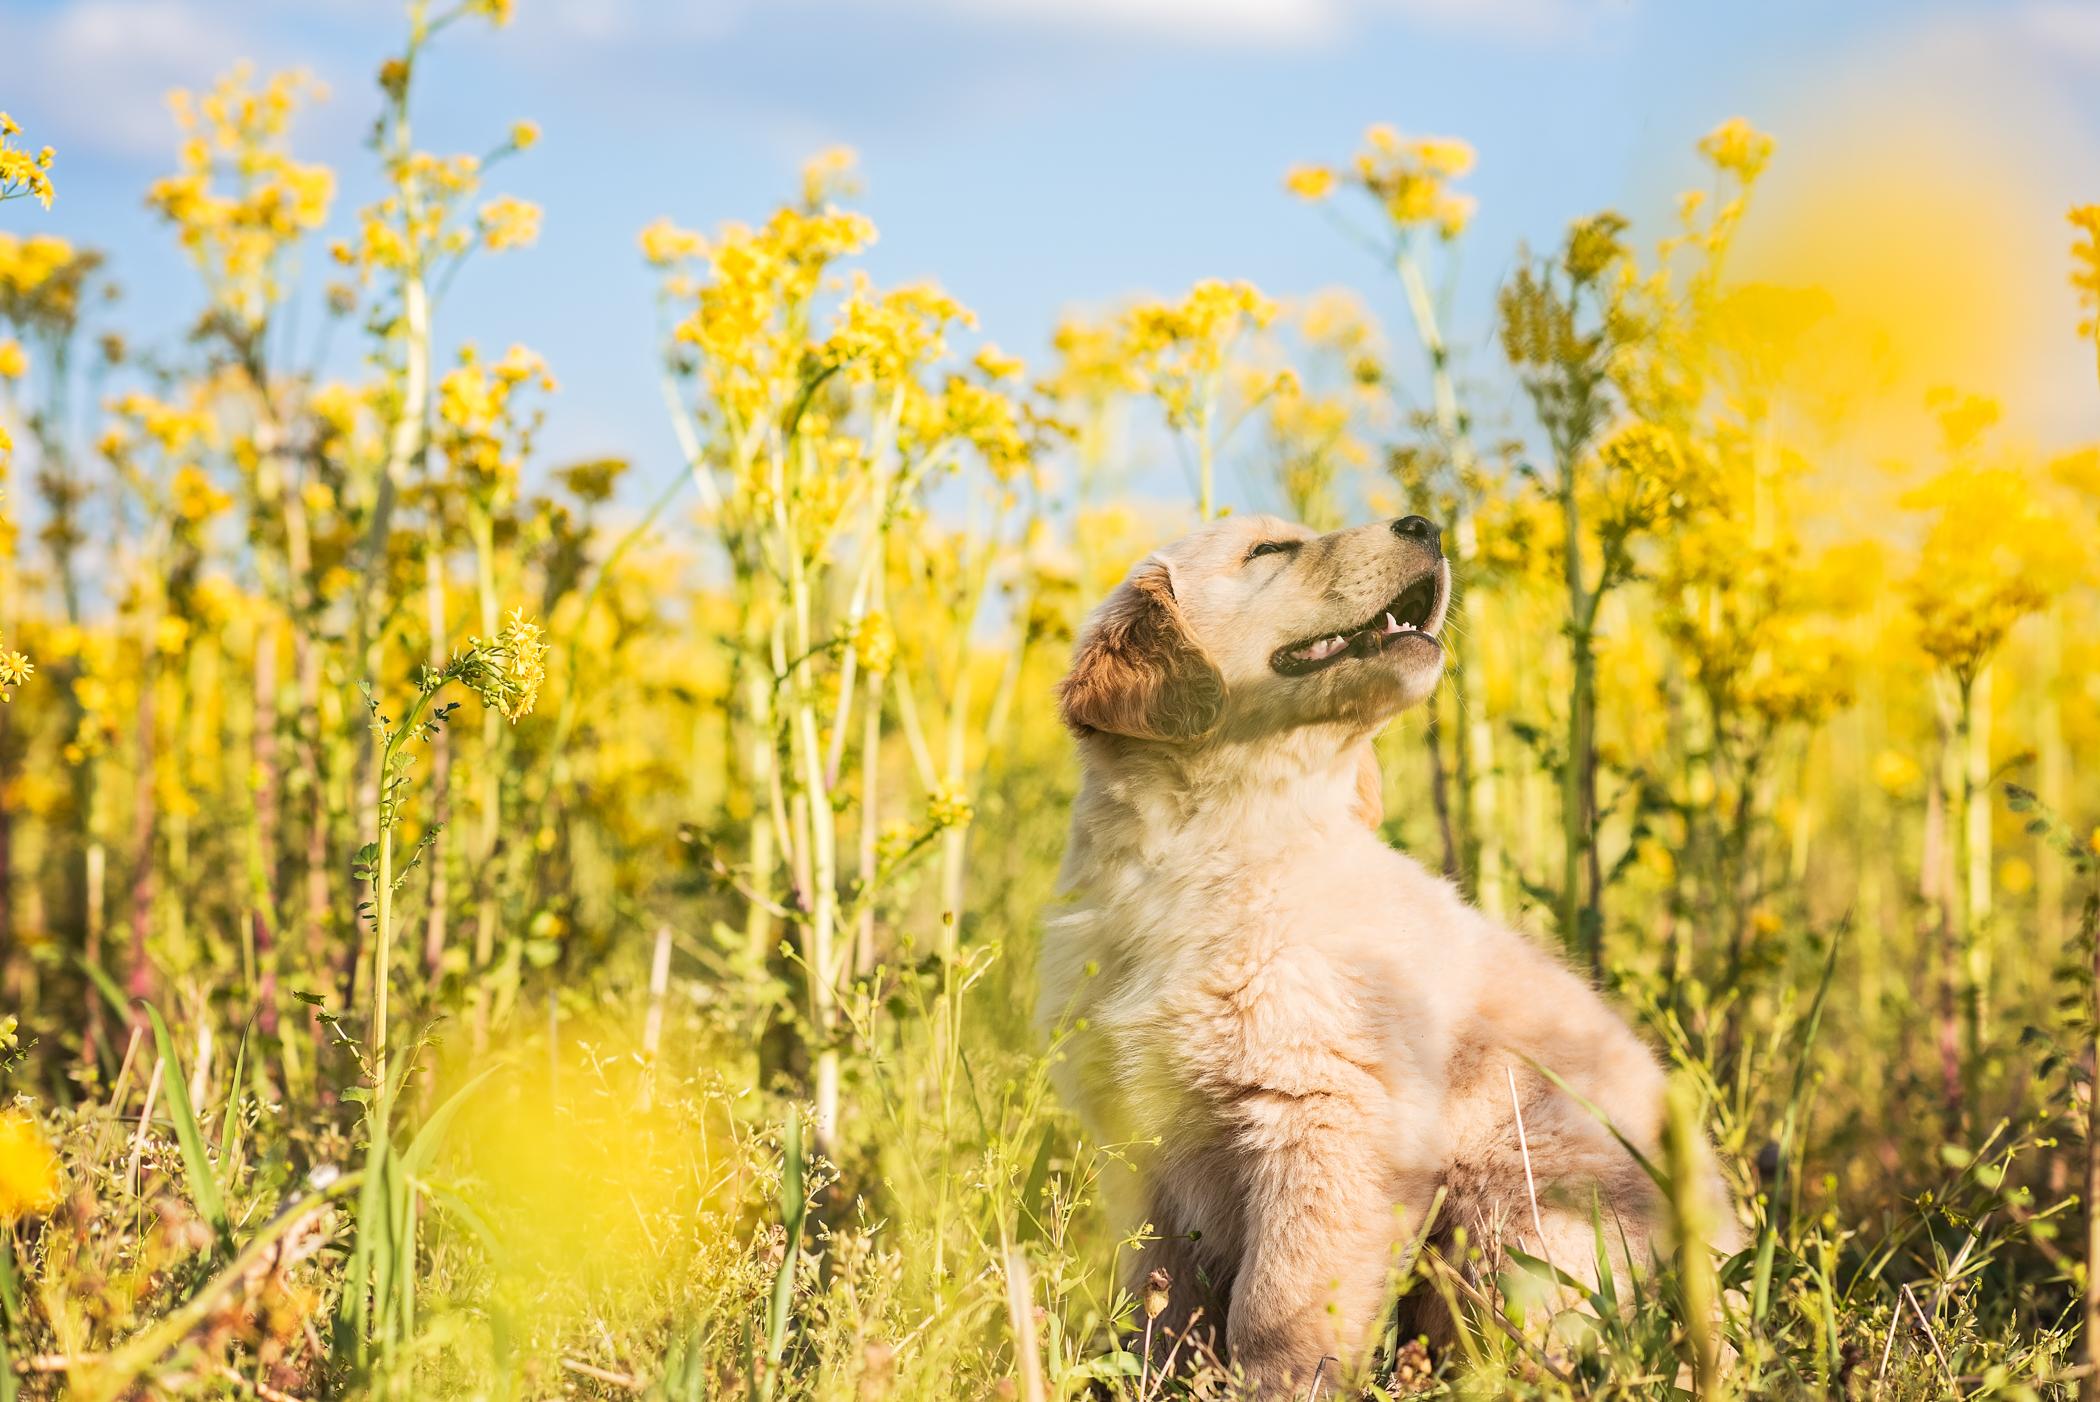 puppy portrait in flowers.jpg